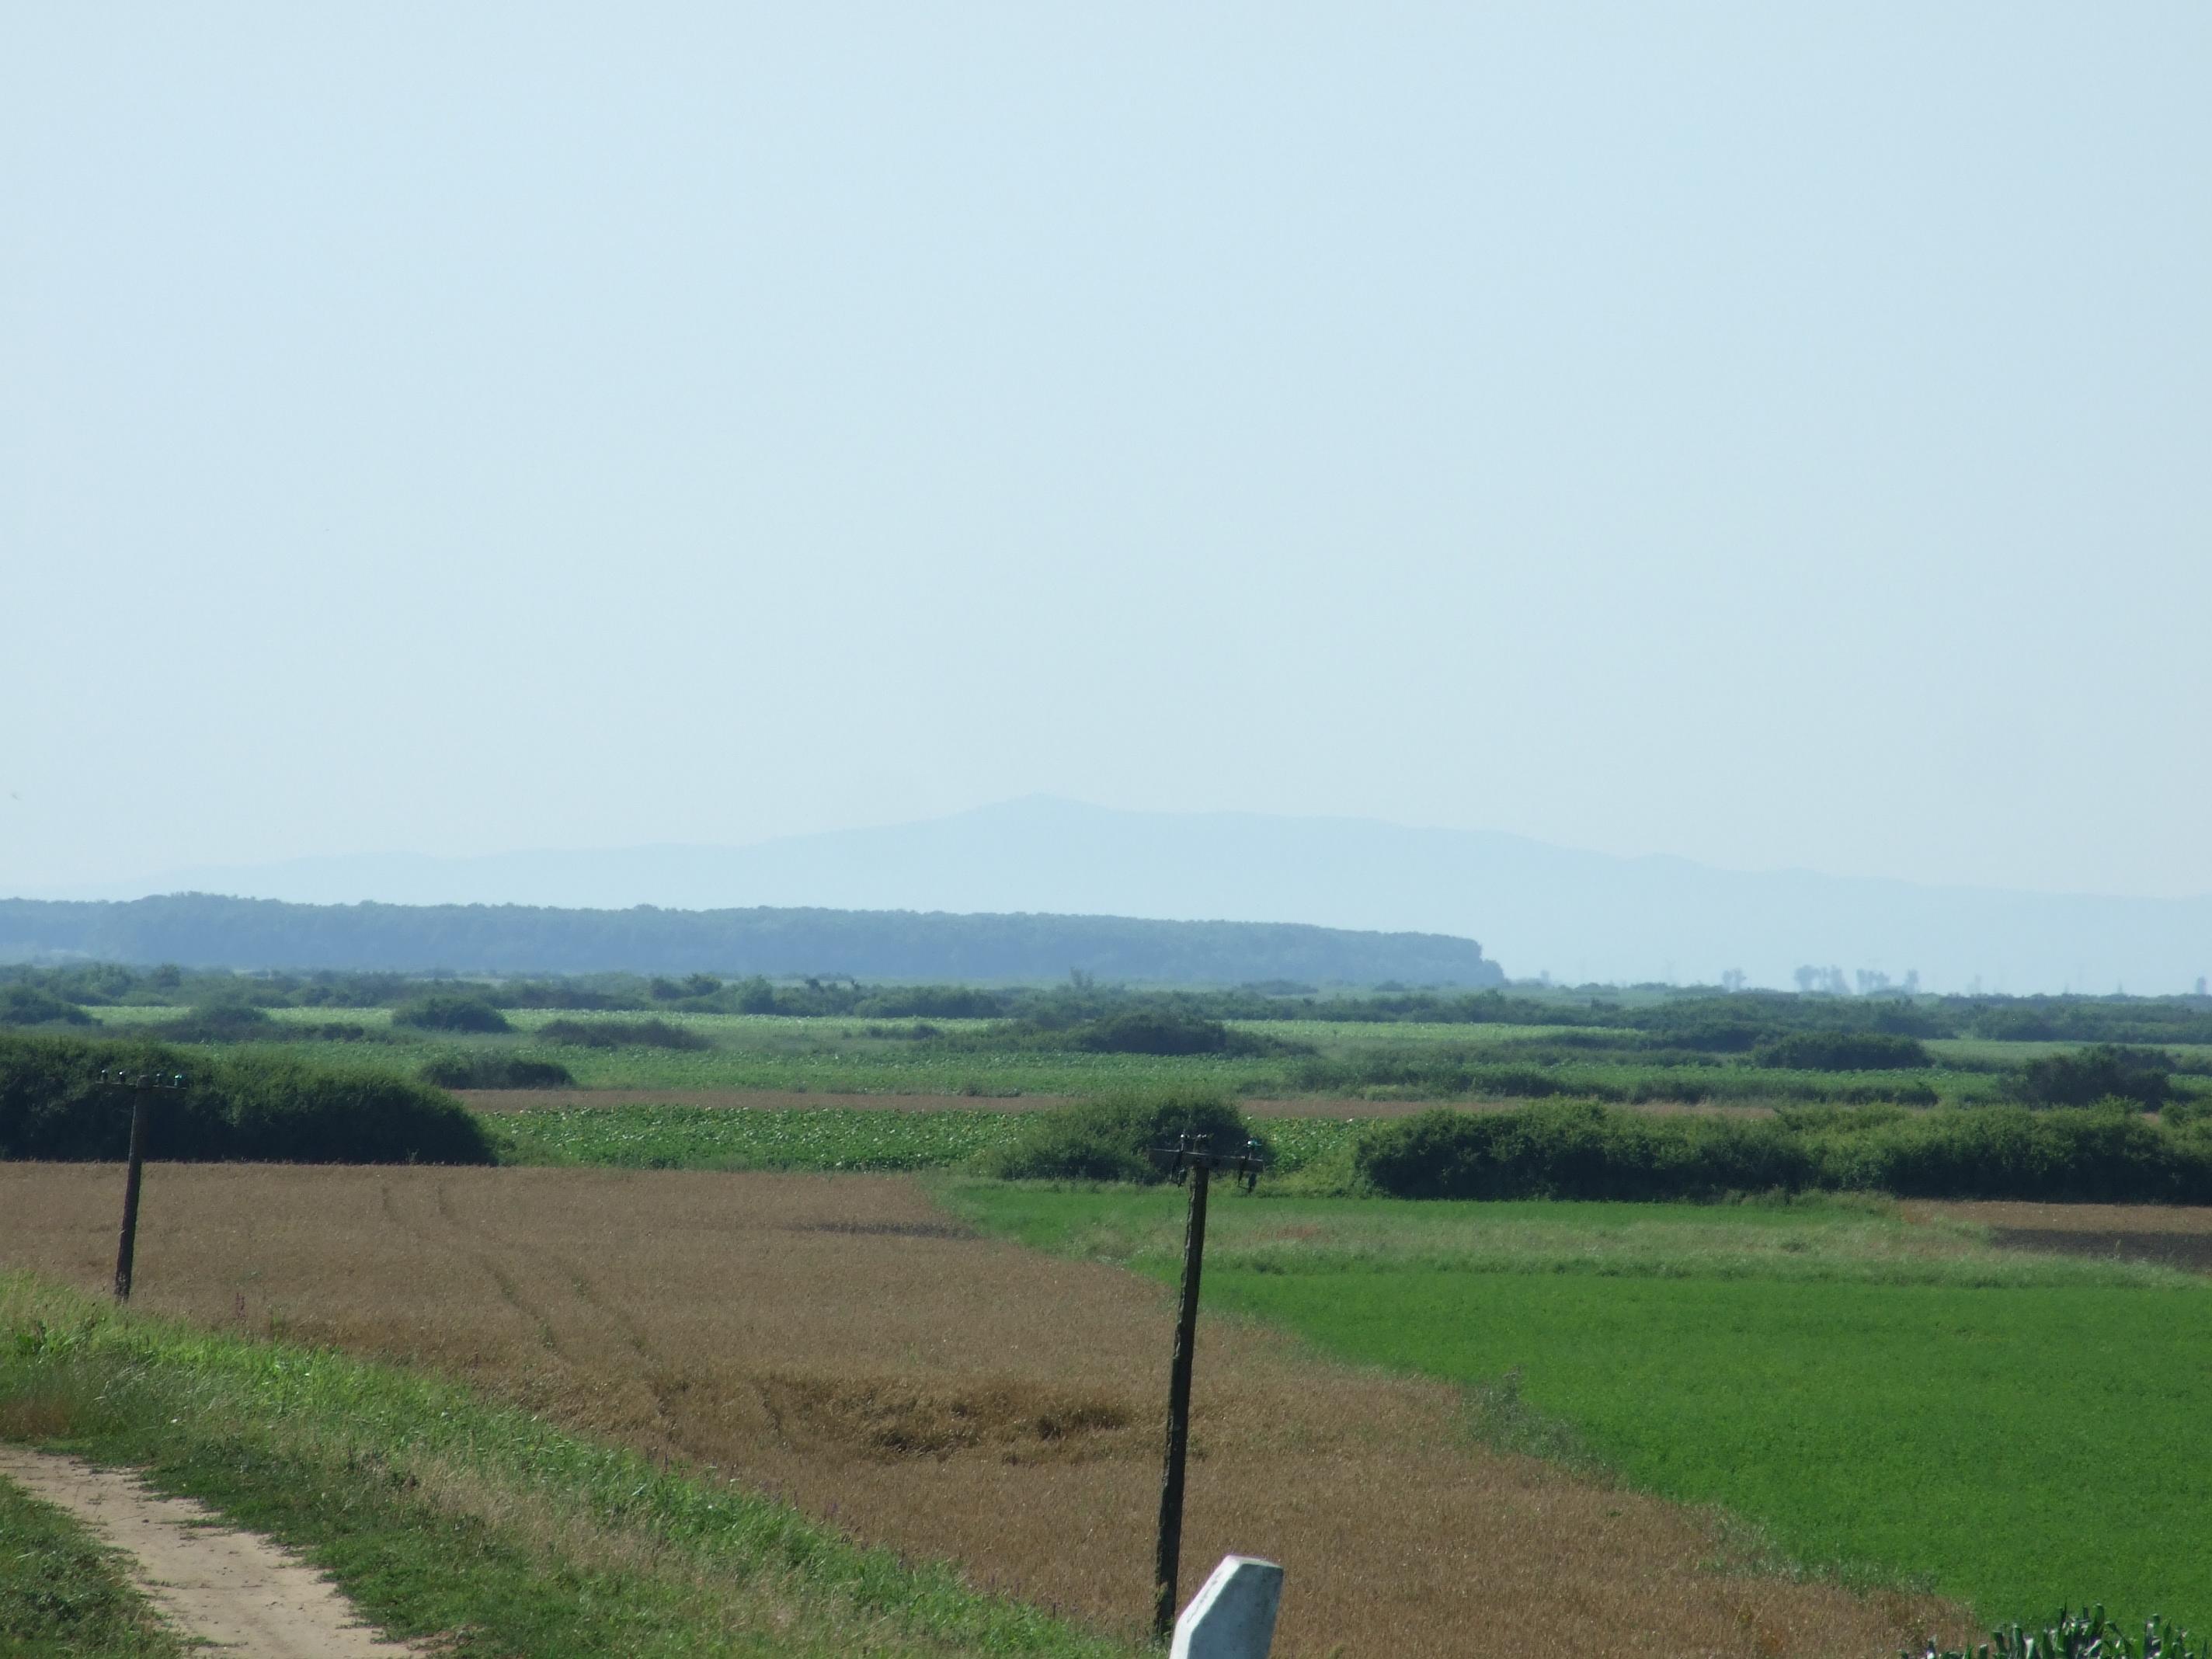 Távolban a Zárándi hegység ormai kéklenek.